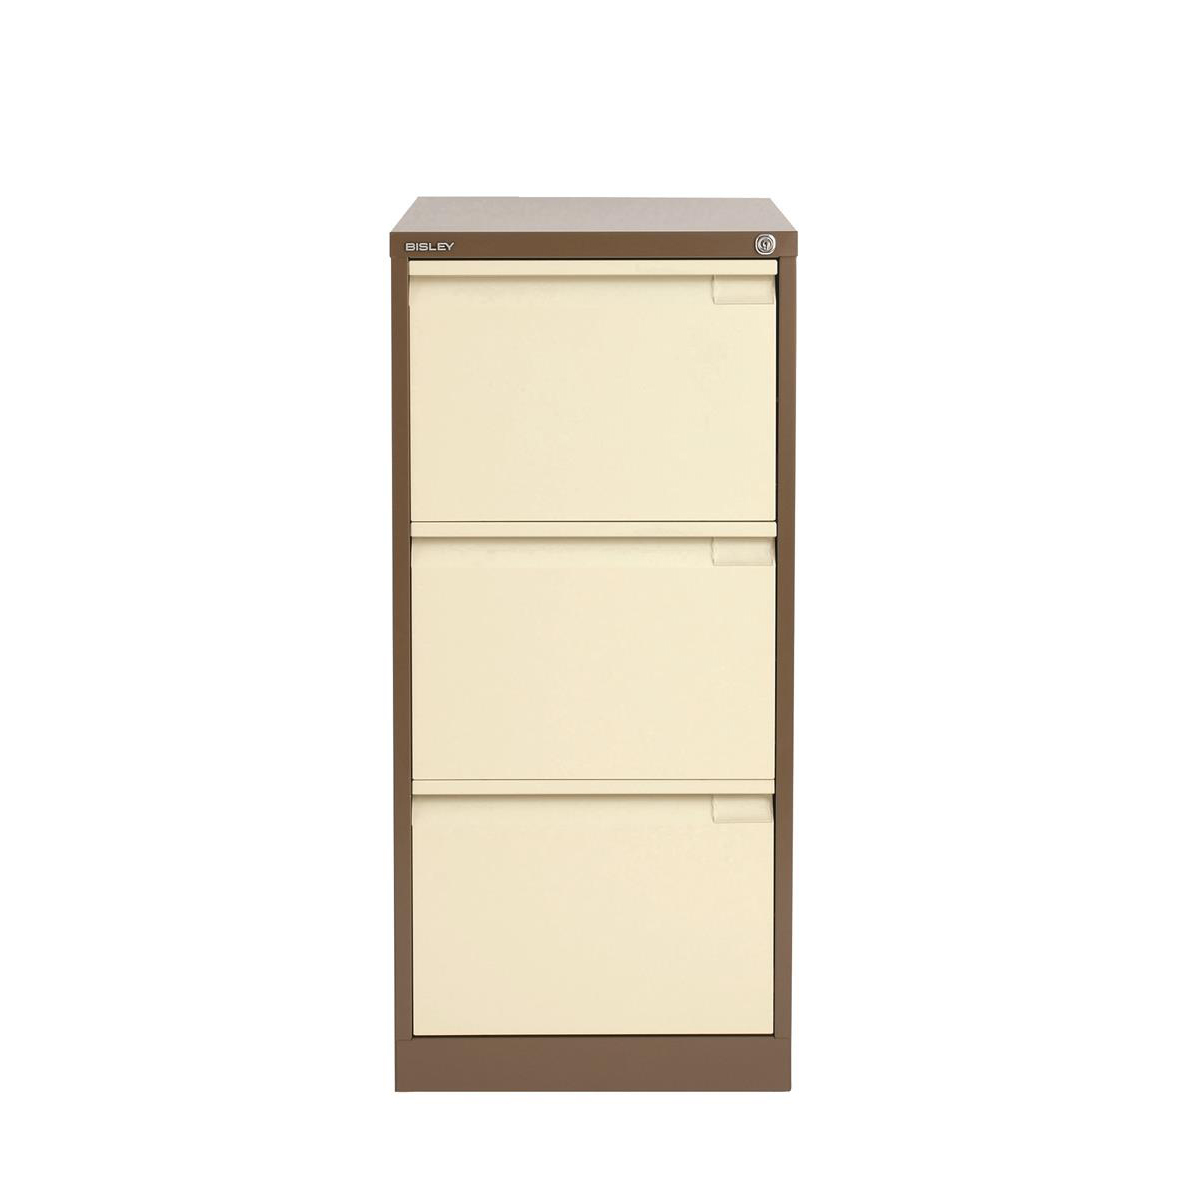 Bisley Filing Cabinet 470x622x1016mm Ref 1633-av5av6